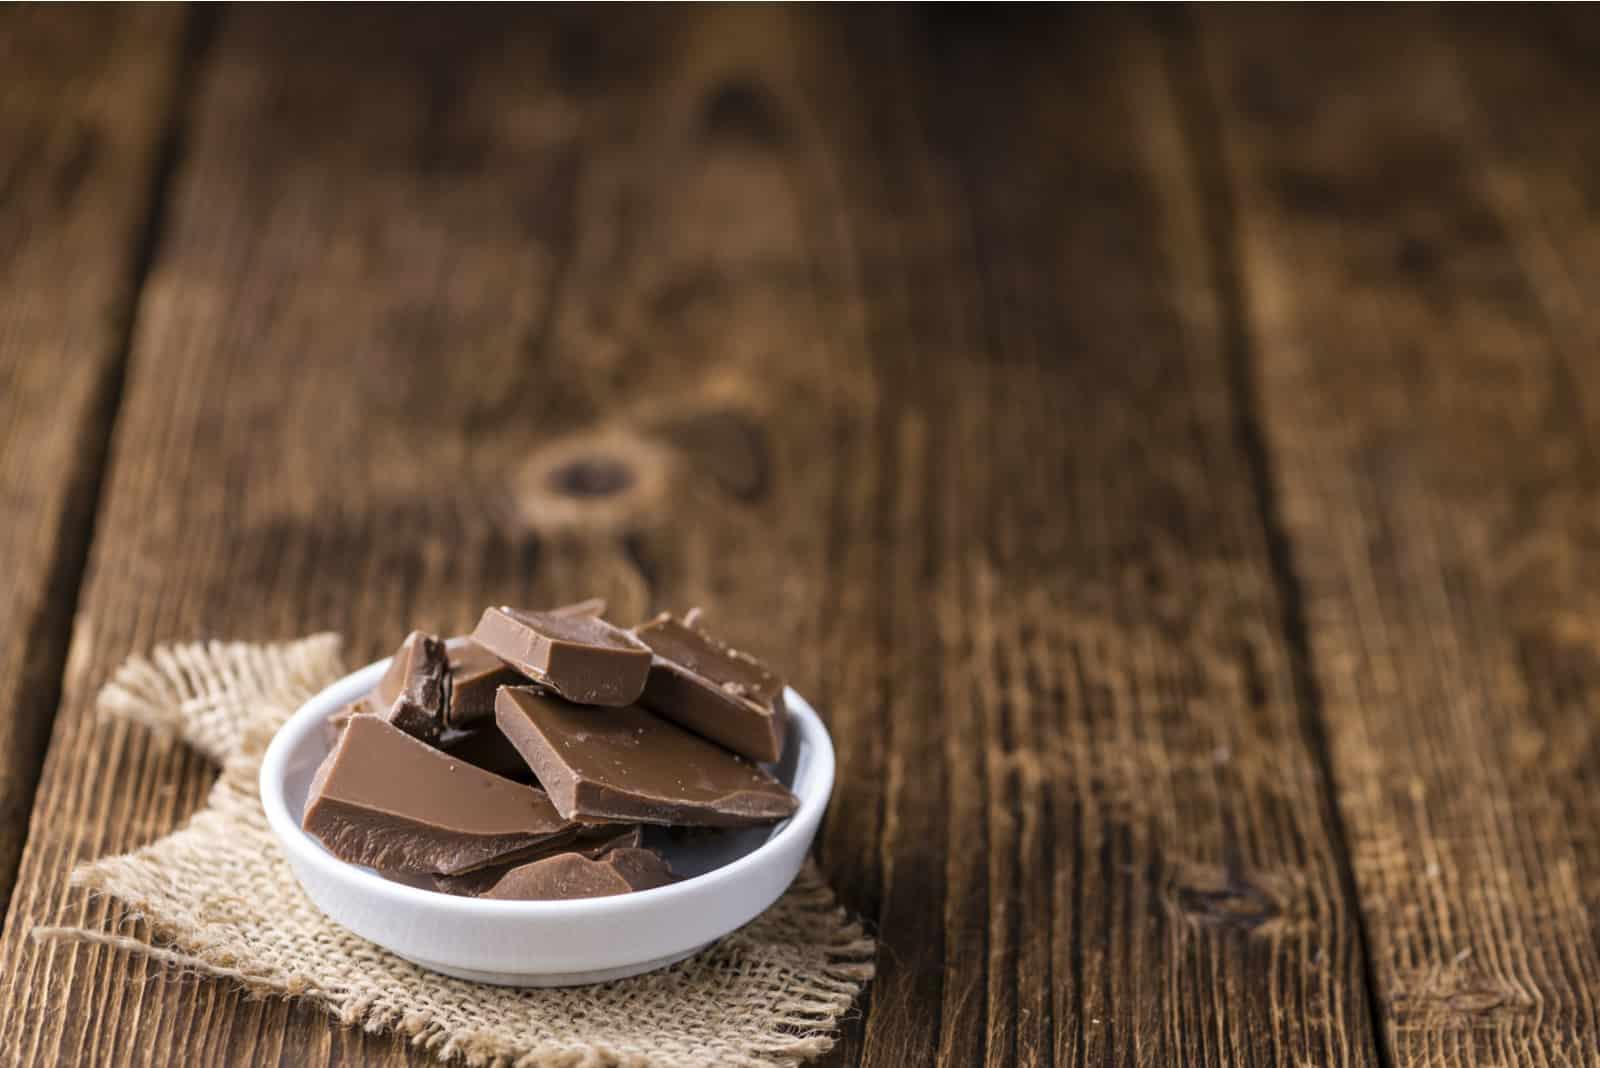 Schokolade auf einem alten Holztisch